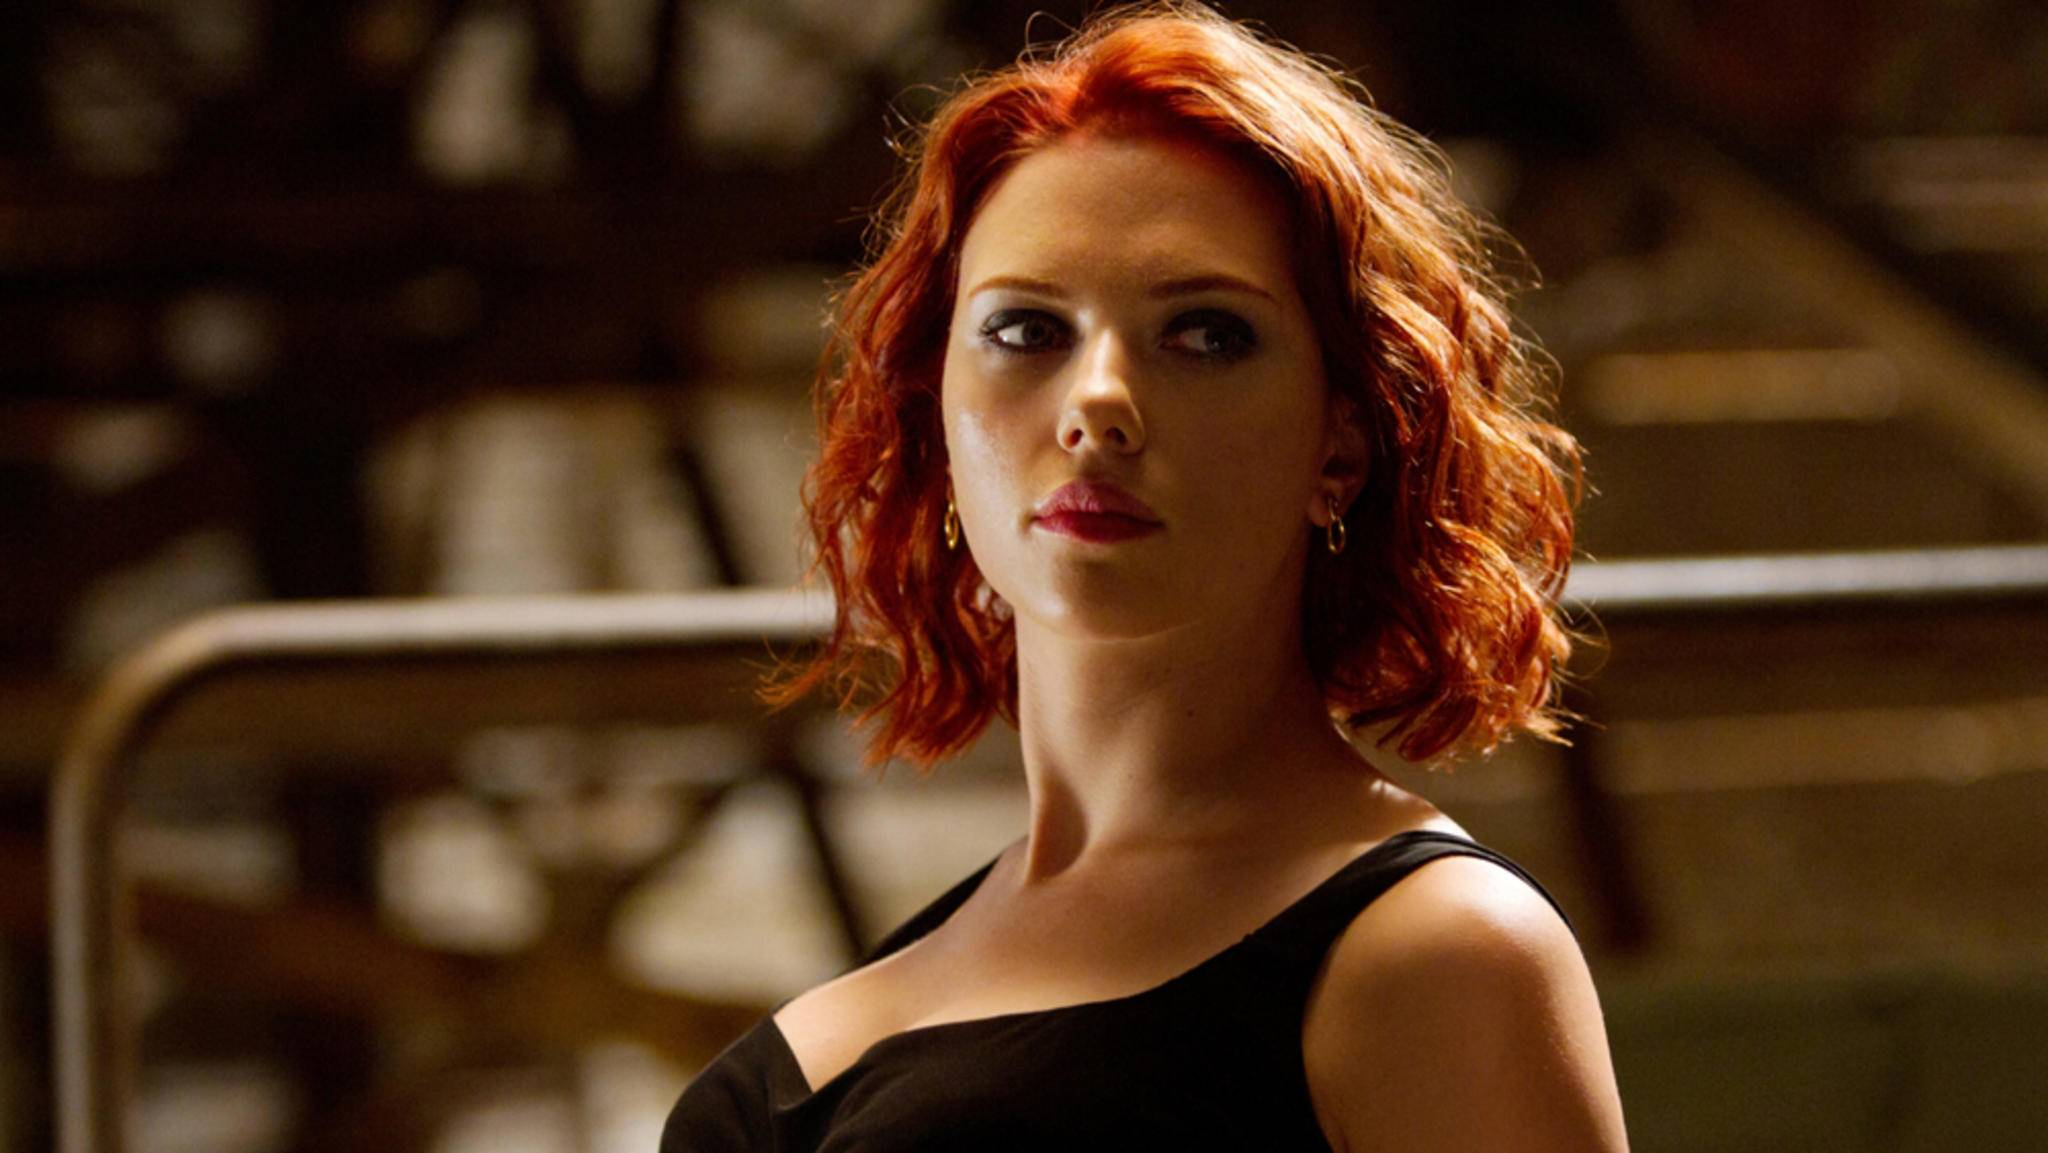 Bekommt bald auch Black Widow ihren Solo-Film?